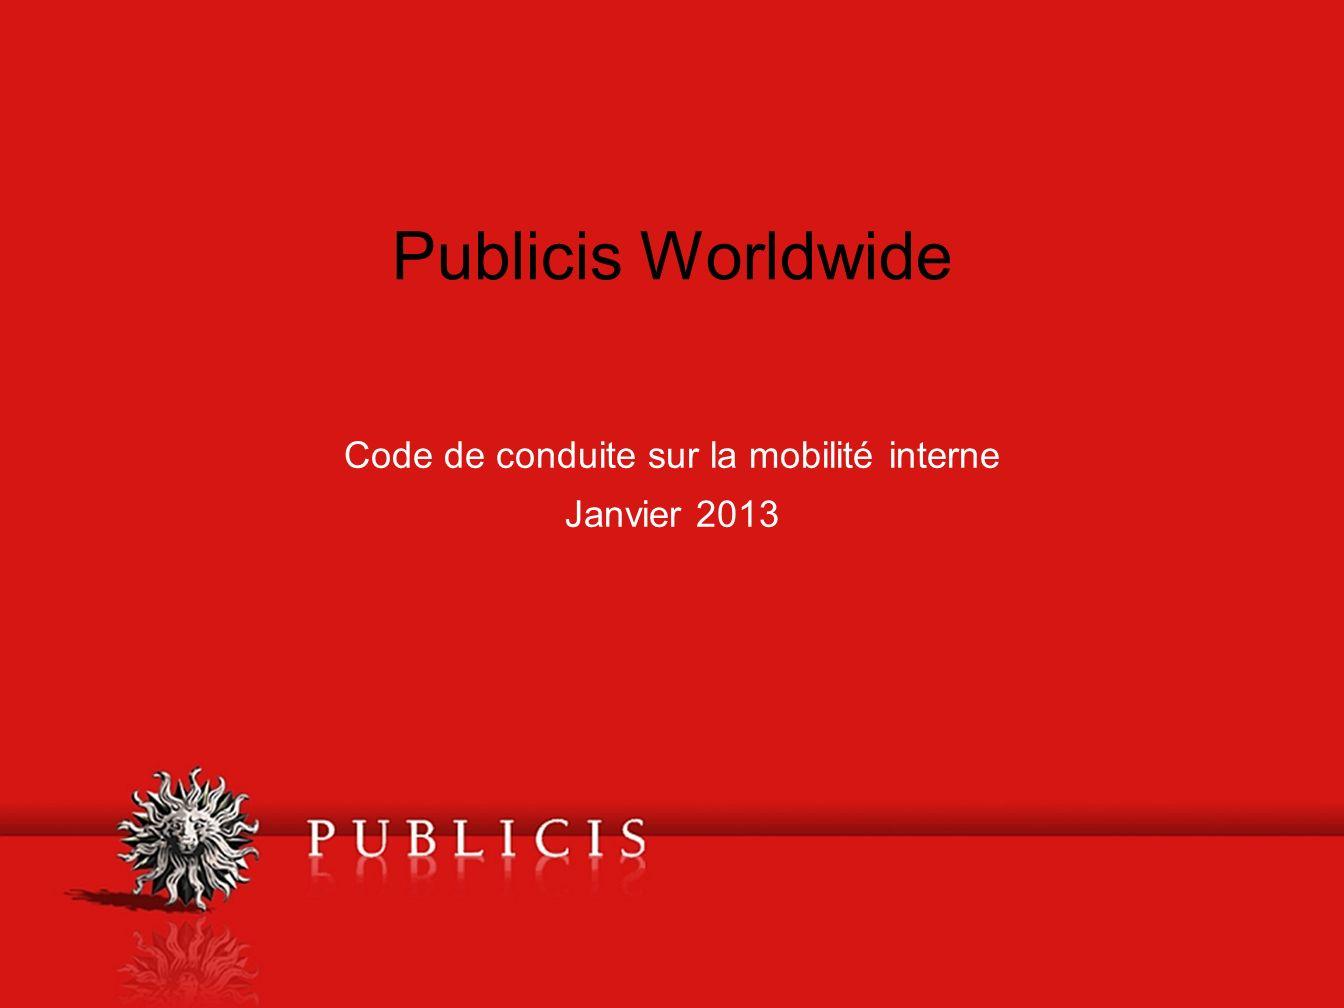 Publicis Worldwide Code de conduite sur la mobilité interne Janvier 2013